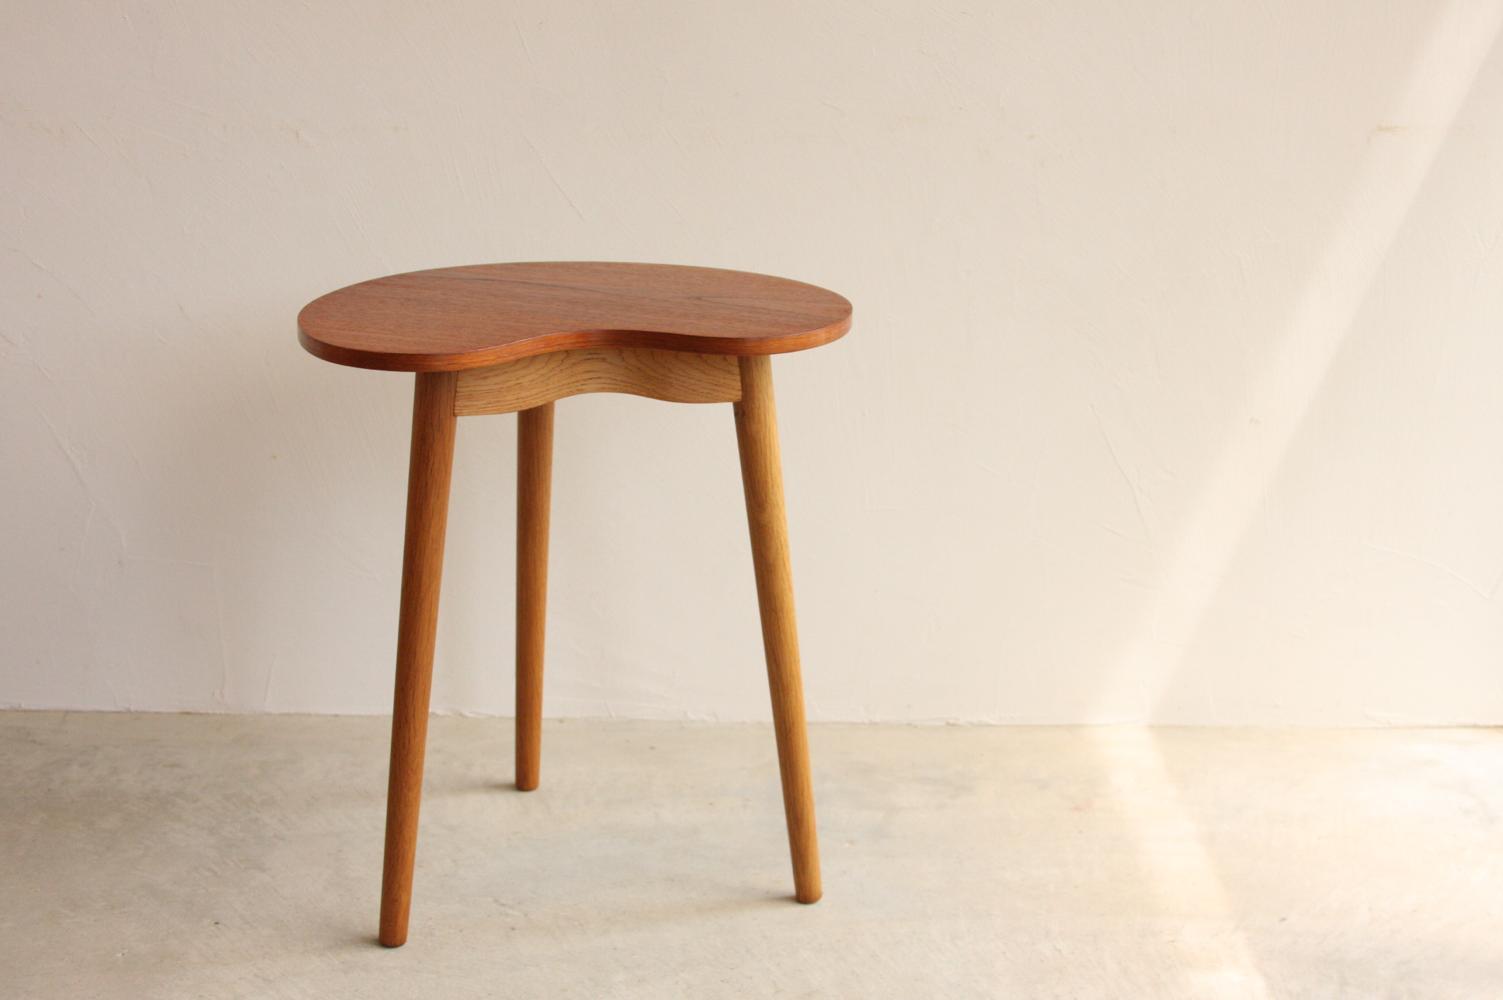 画像1: 北欧ビンテージ家具/デンマーク/チーク/サイドテーブル/ビーンズ型 (1)